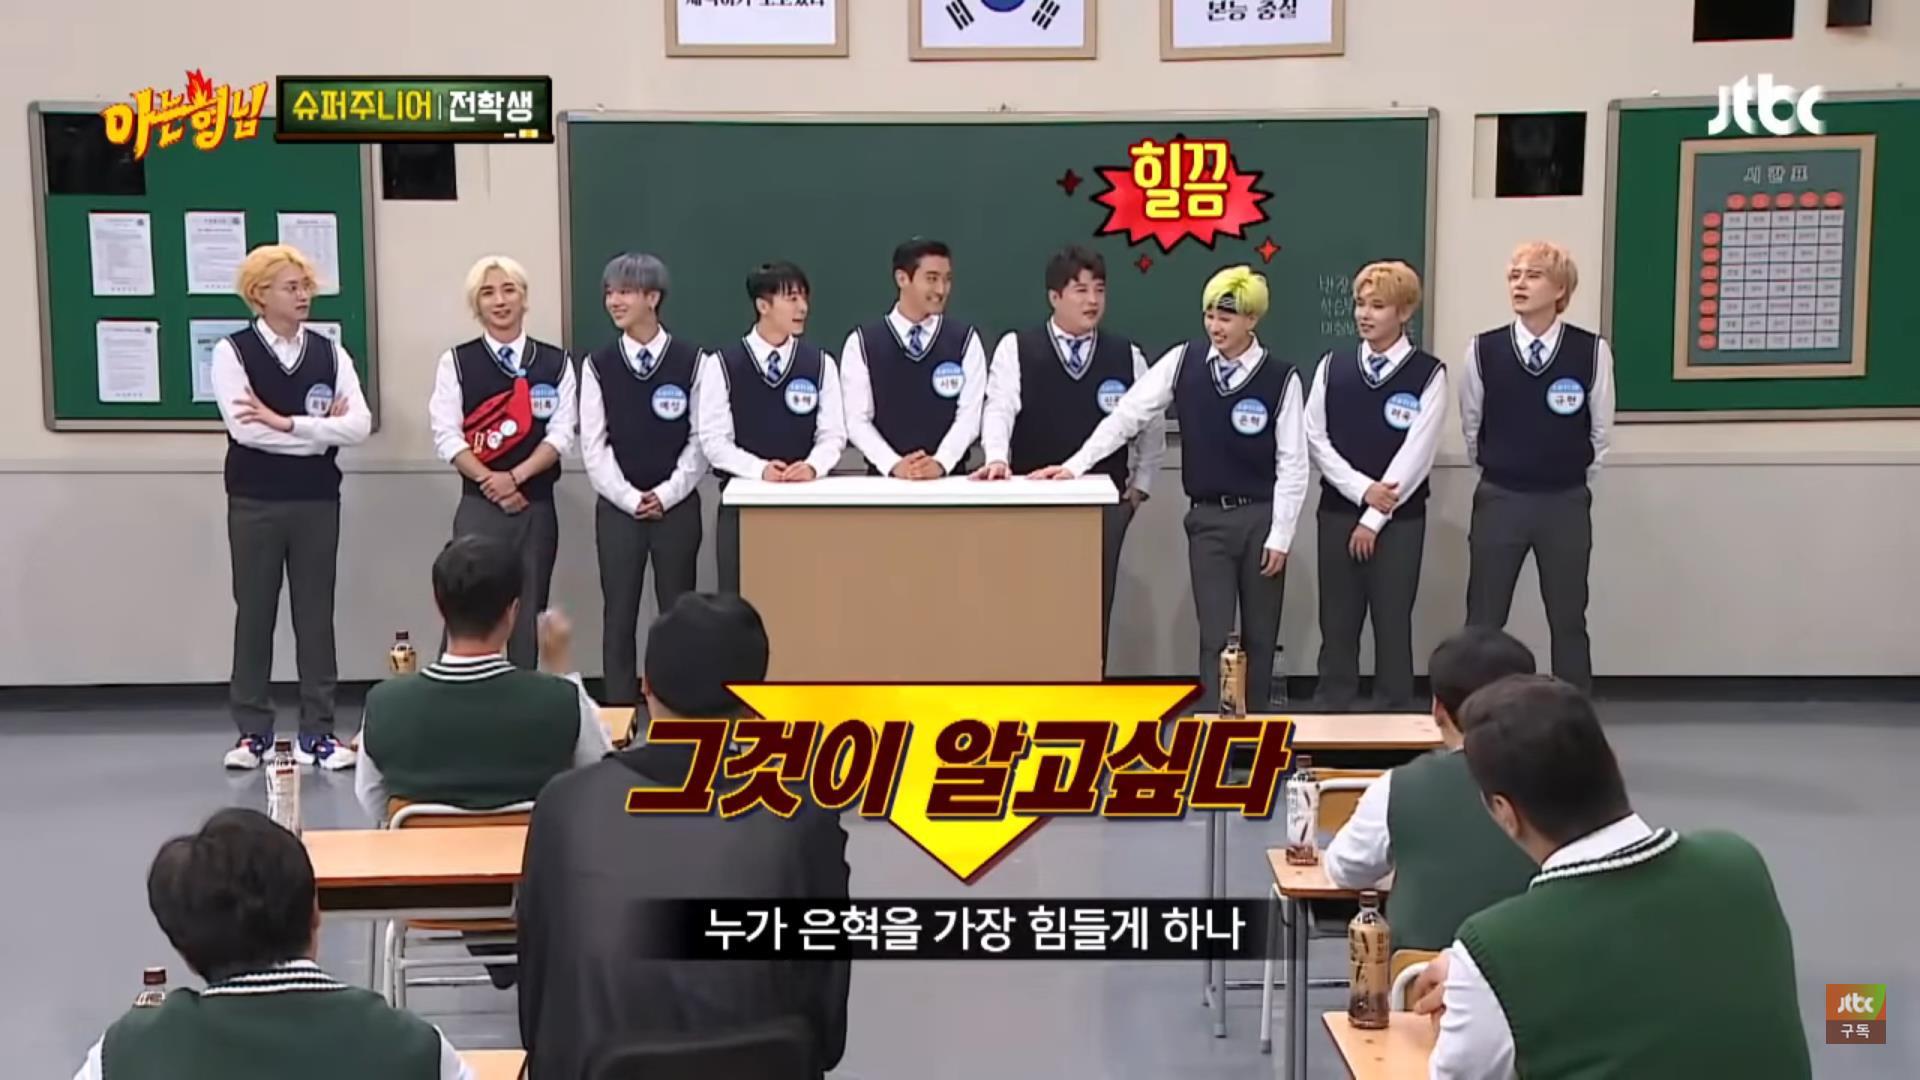 Các thành viên đều thử sức với màu tóc sáng nổi bật. Eunhyuk còn chơi trội khi nhuộm vàng neon